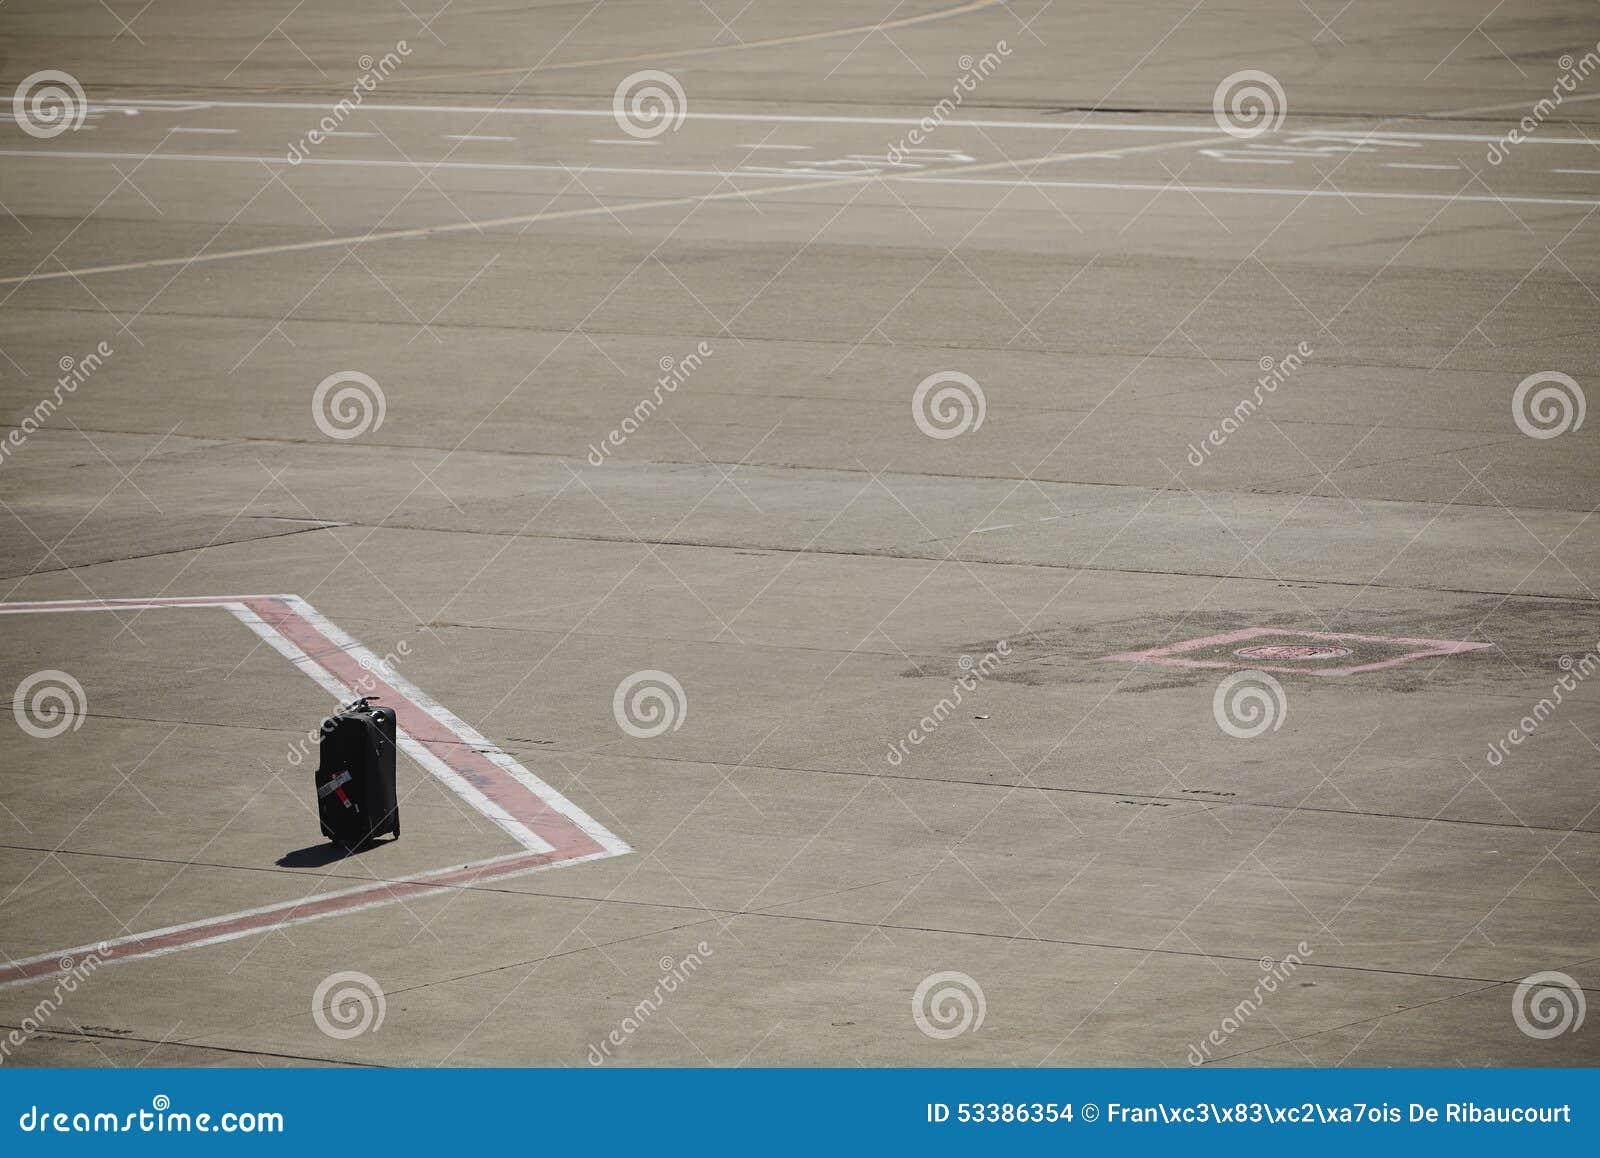 Przegrany bagaż na lotniskowym pasie startowym